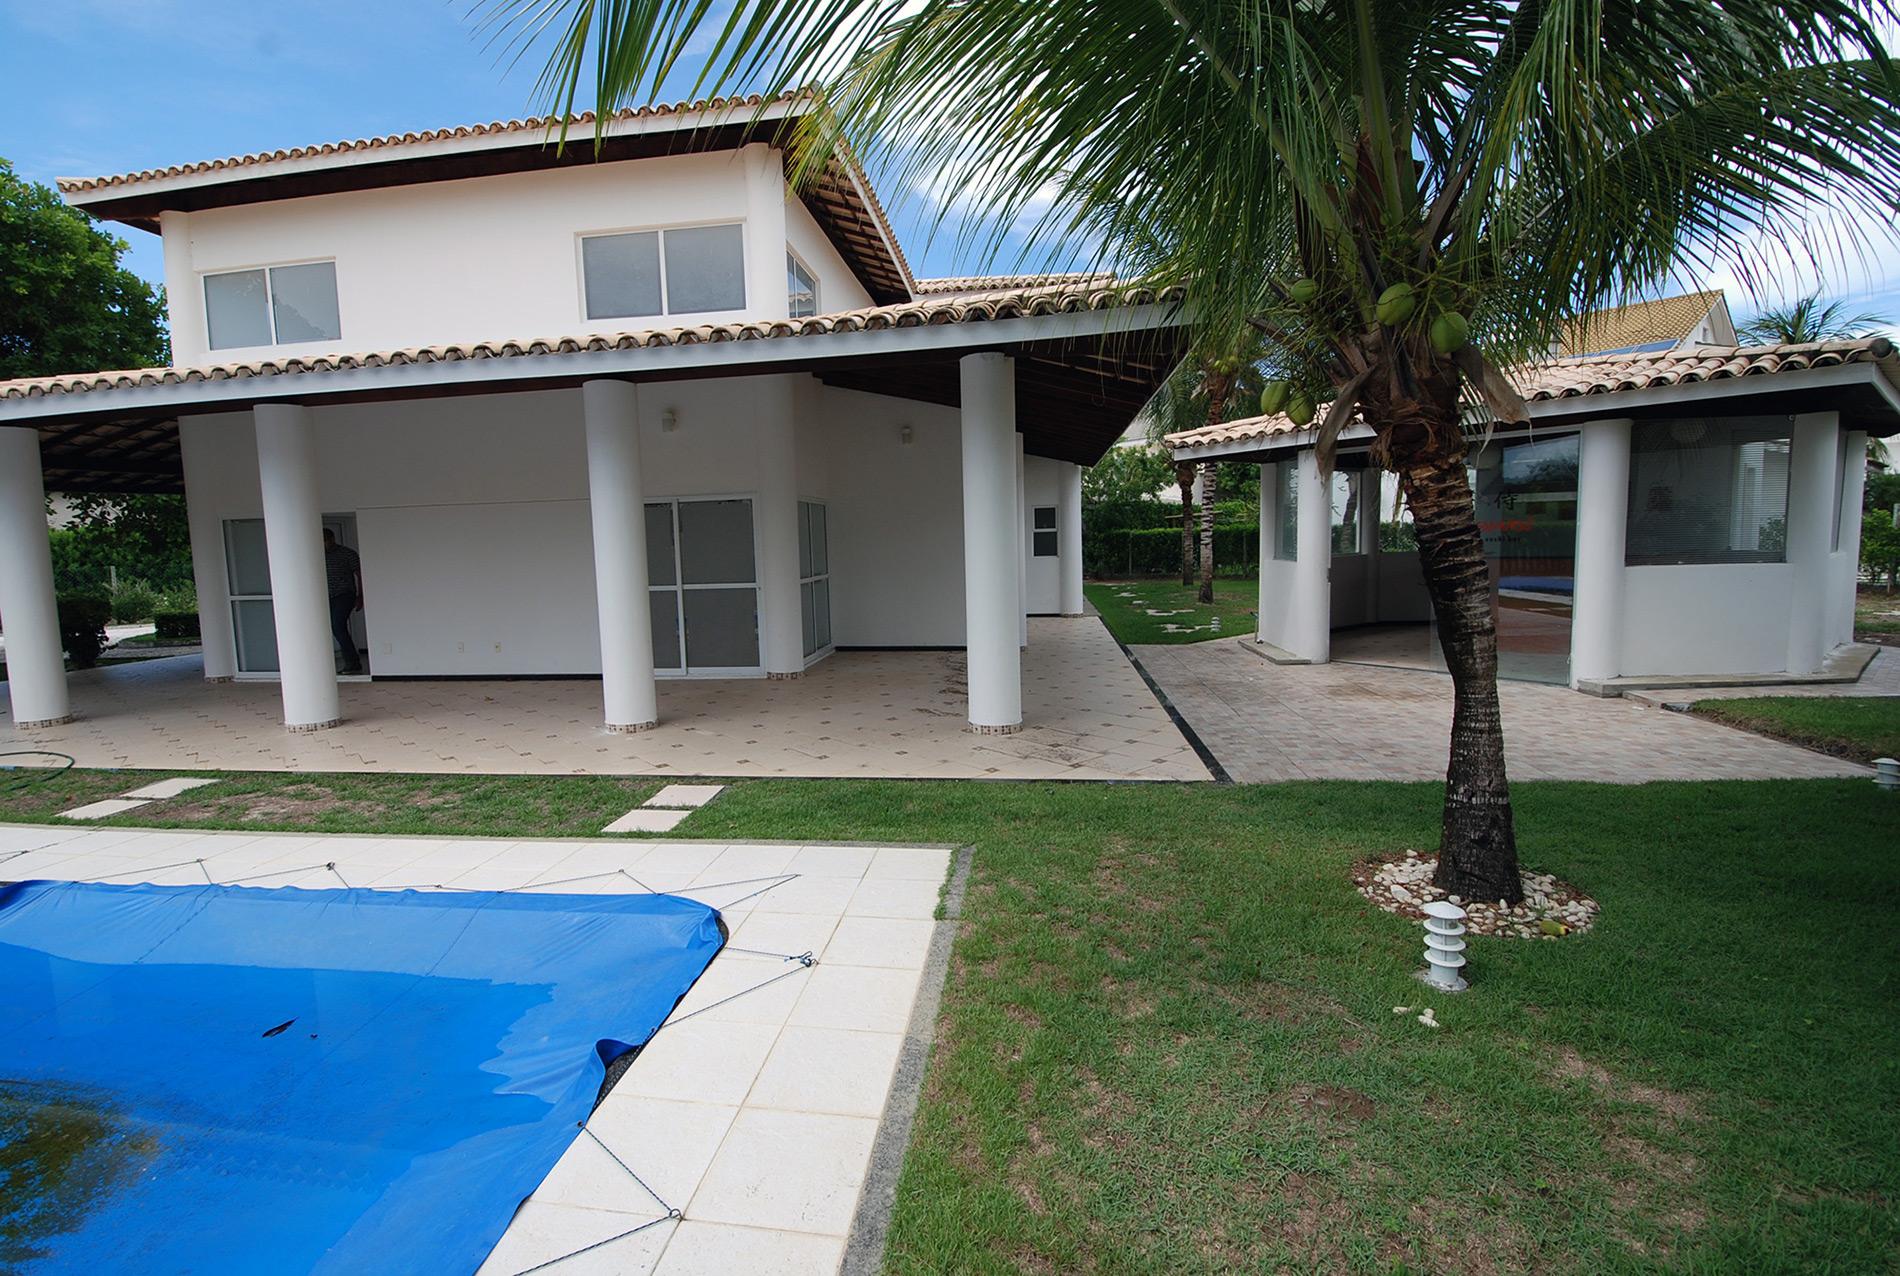 Casa in vendita a busca vida 500 m dalla spiaggia for Case da 500 piedi quadrati